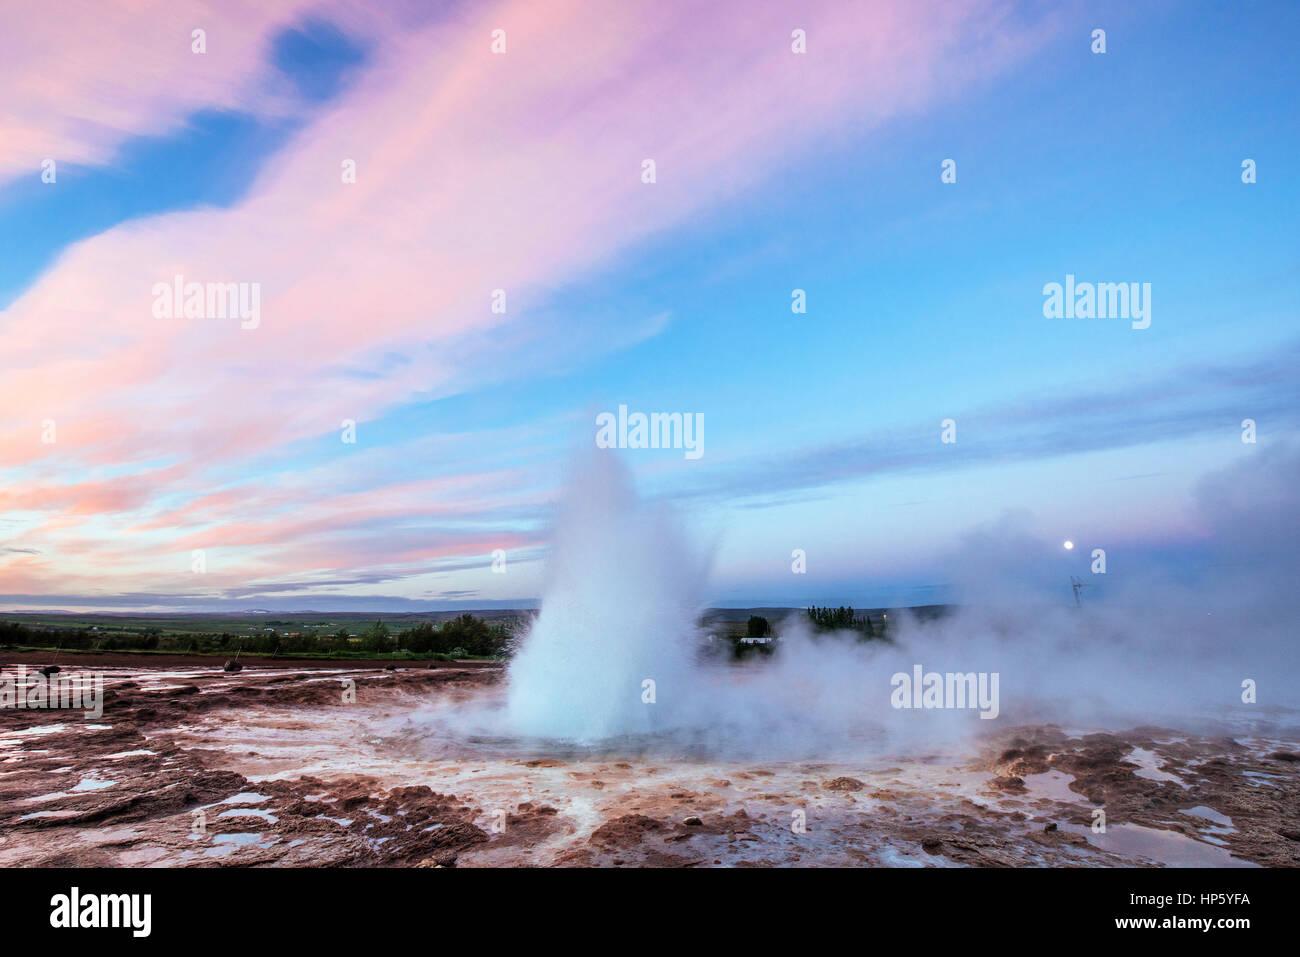 Strokkur géiser erupción en Islandia. Colores fantásticos zapatos pasante Imagen De Stock